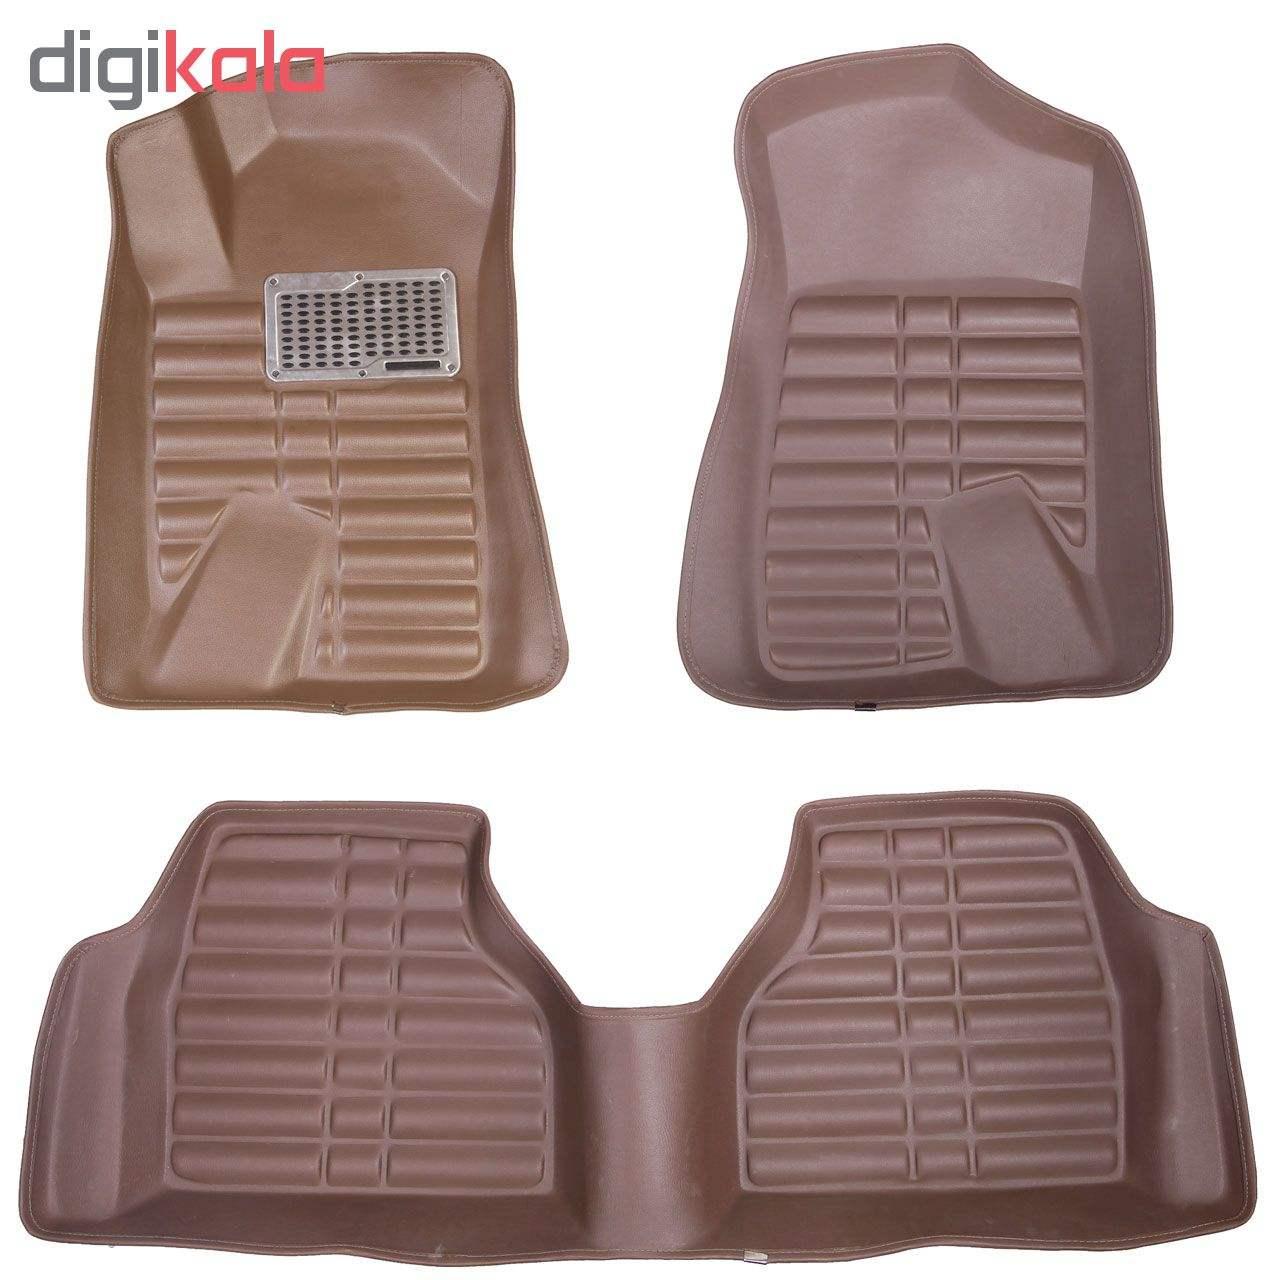 کفپوش سه بعدی خودرو مدل پالیز مناسب برای دنا-سمند-پژو 405-پارس thumb 9